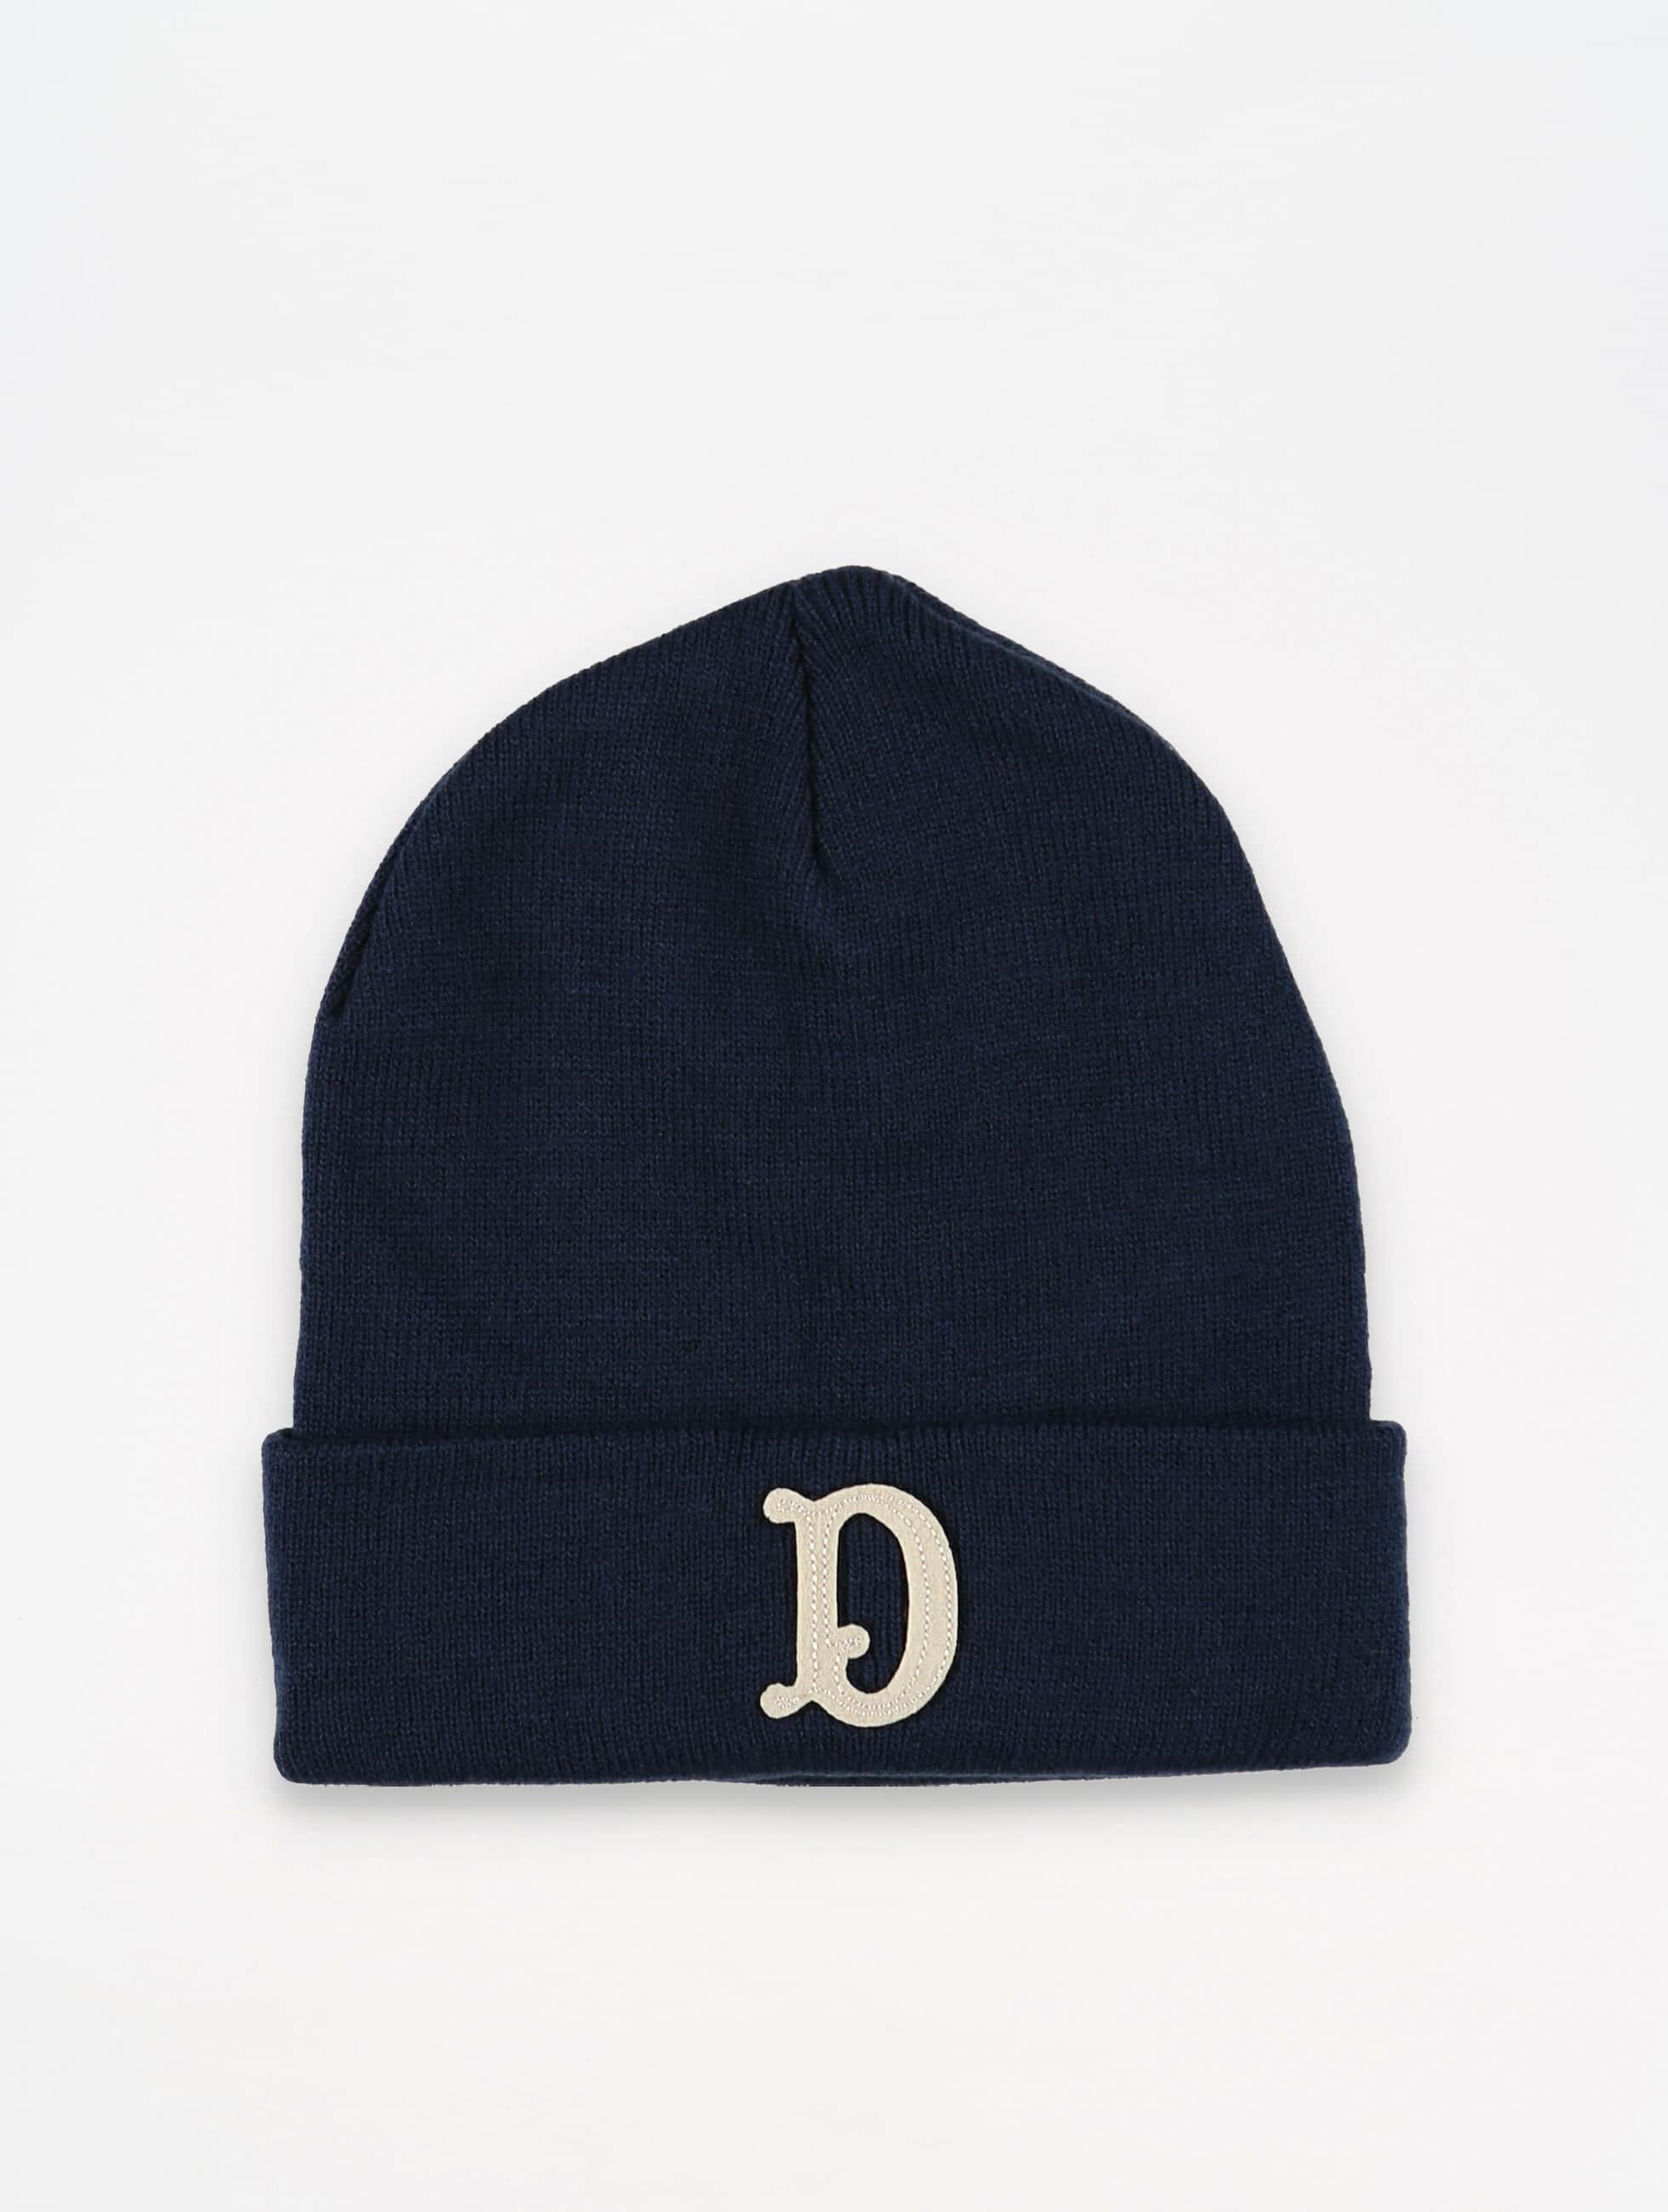 The Dudes Hat-1 D Patch blue